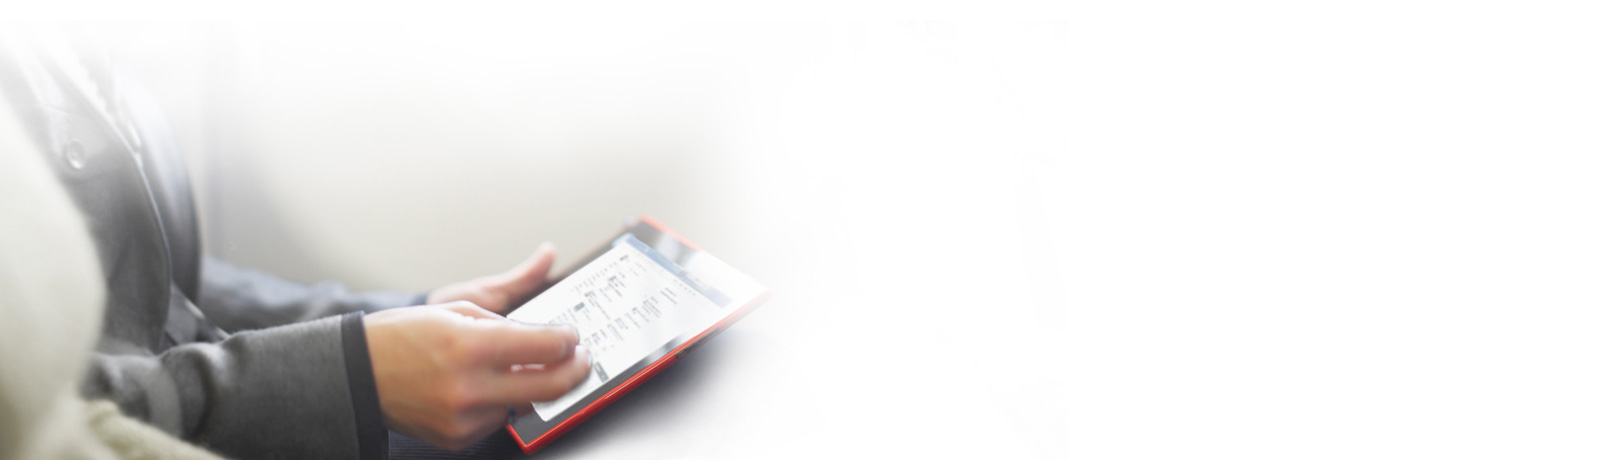 Nærbillede af en person, der sidder ned og arbejder på en tablet, som han holder i sin venstre hånd.